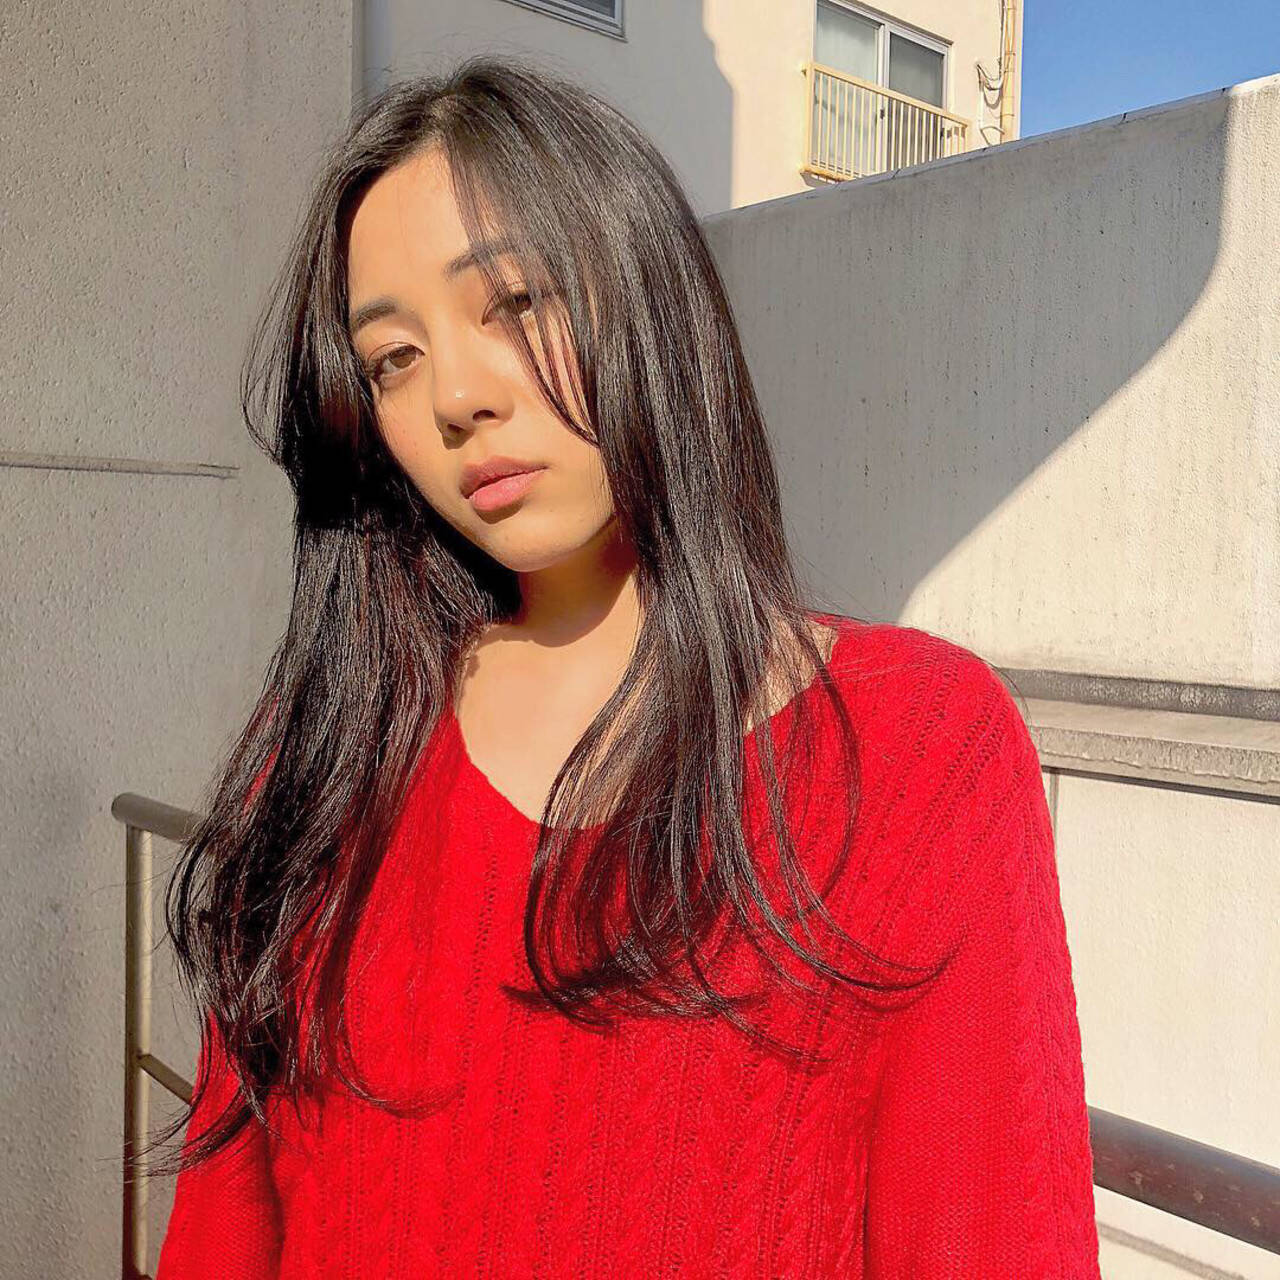 インナーカラー セミロング インナーカラー赤 ワンカールヘアスタイルや髪型の写真・画像